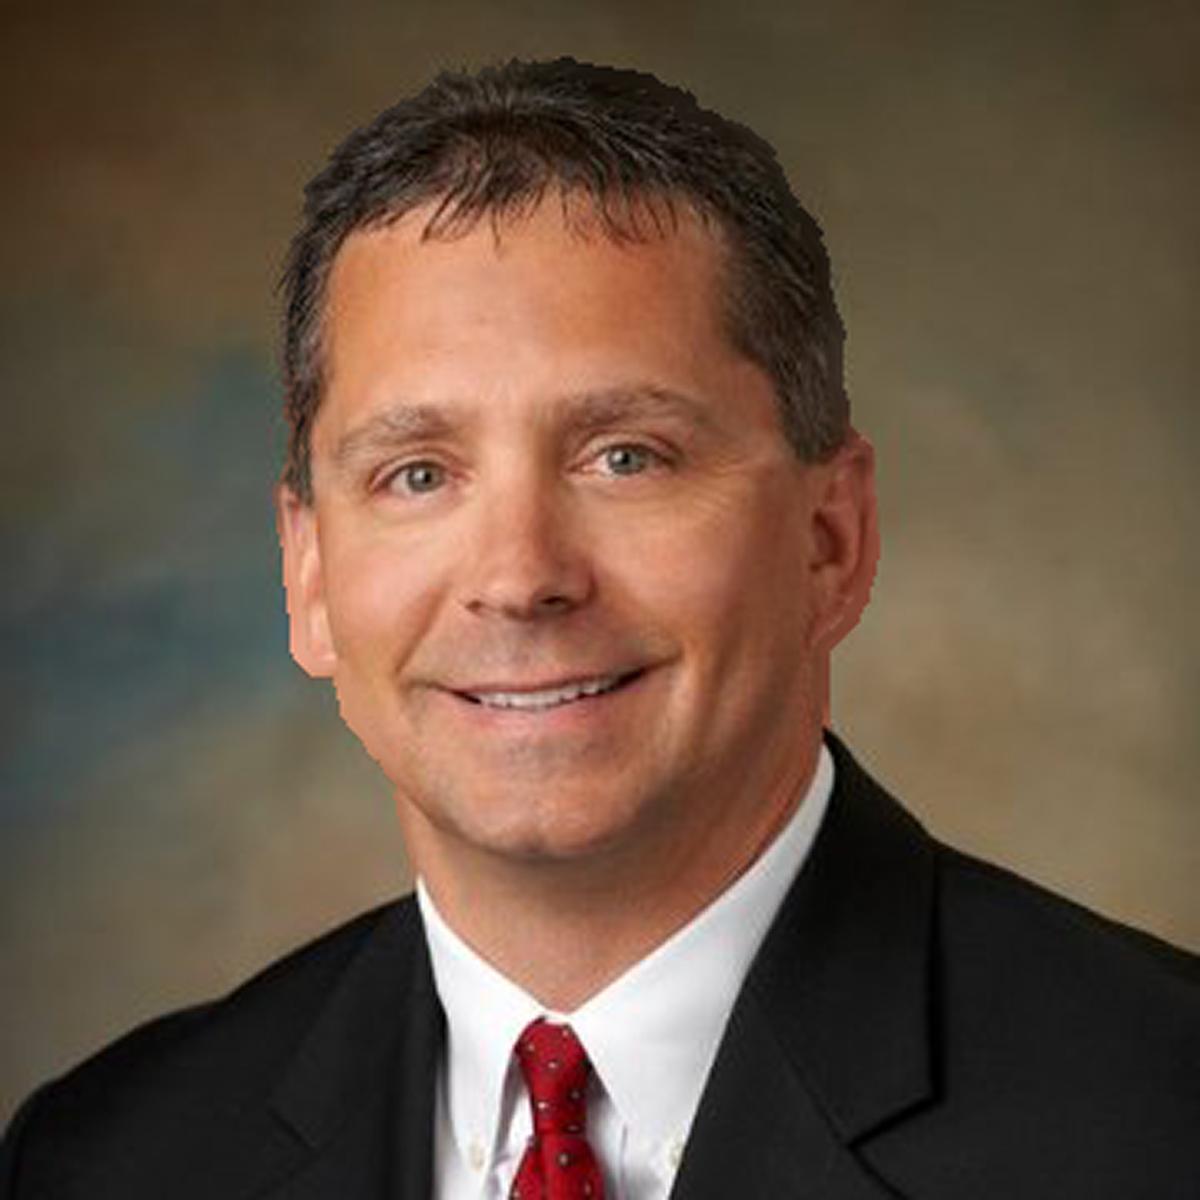 Mark McCauley